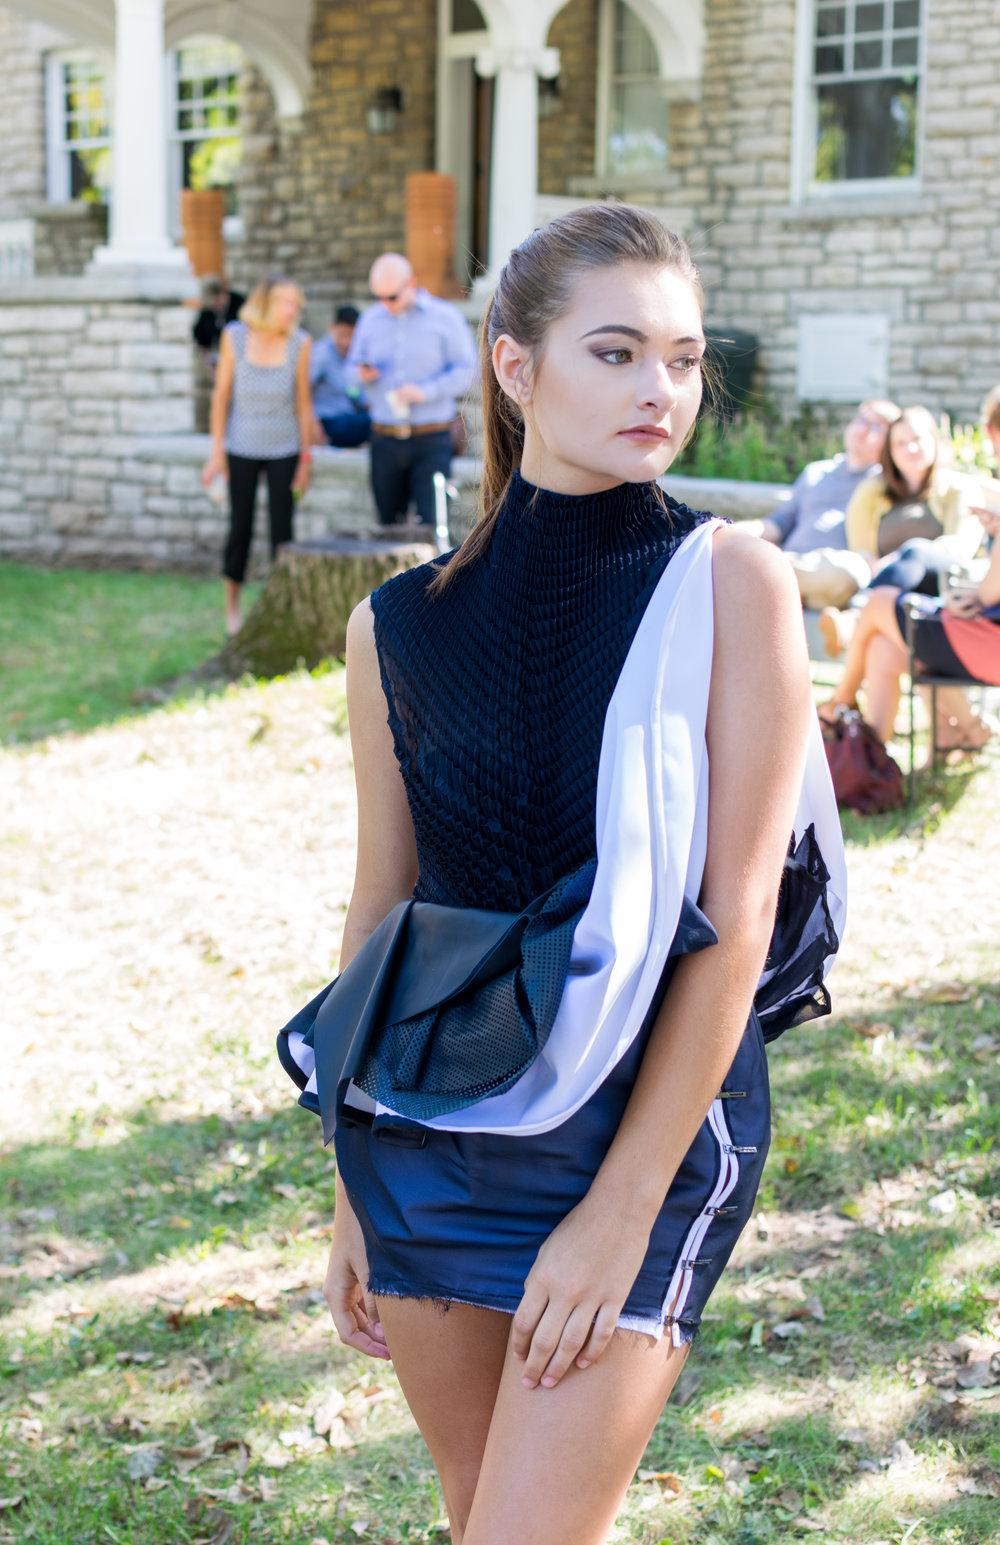 Model: Jessica Krueger